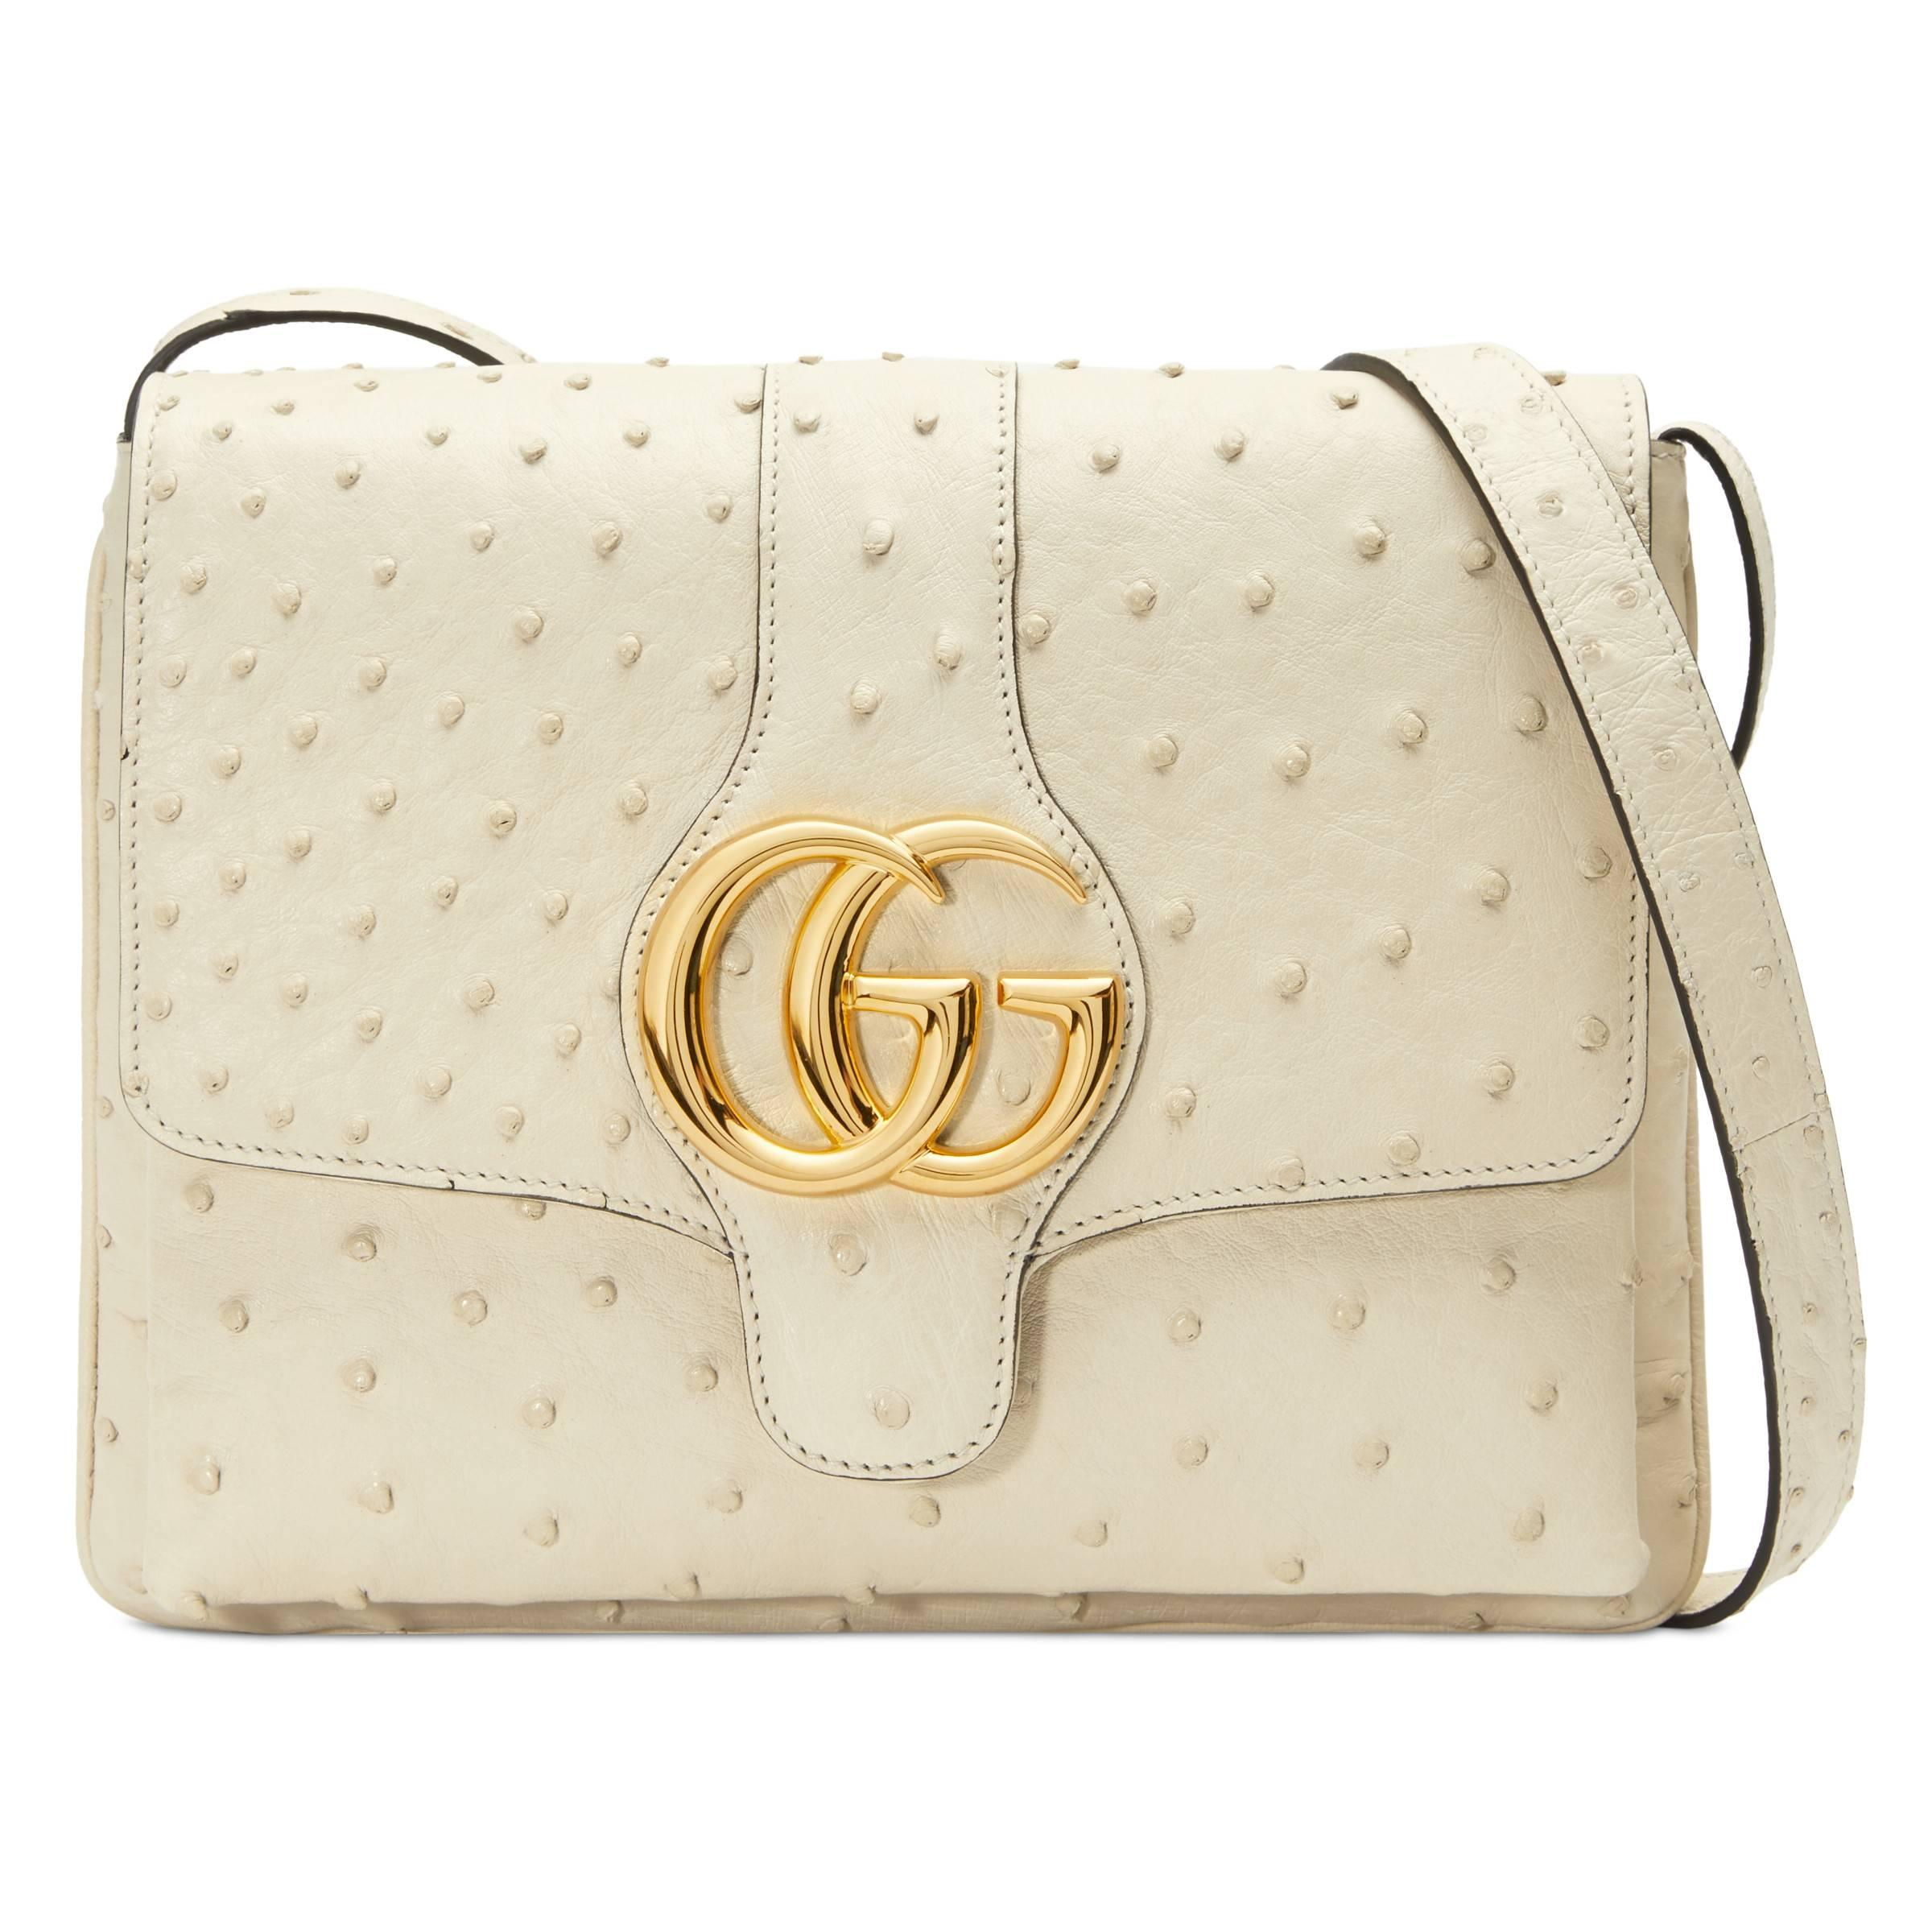 33c0f91bc2df Gucci Arli Medium Ostrich Shoulder Bag in White - Lyst